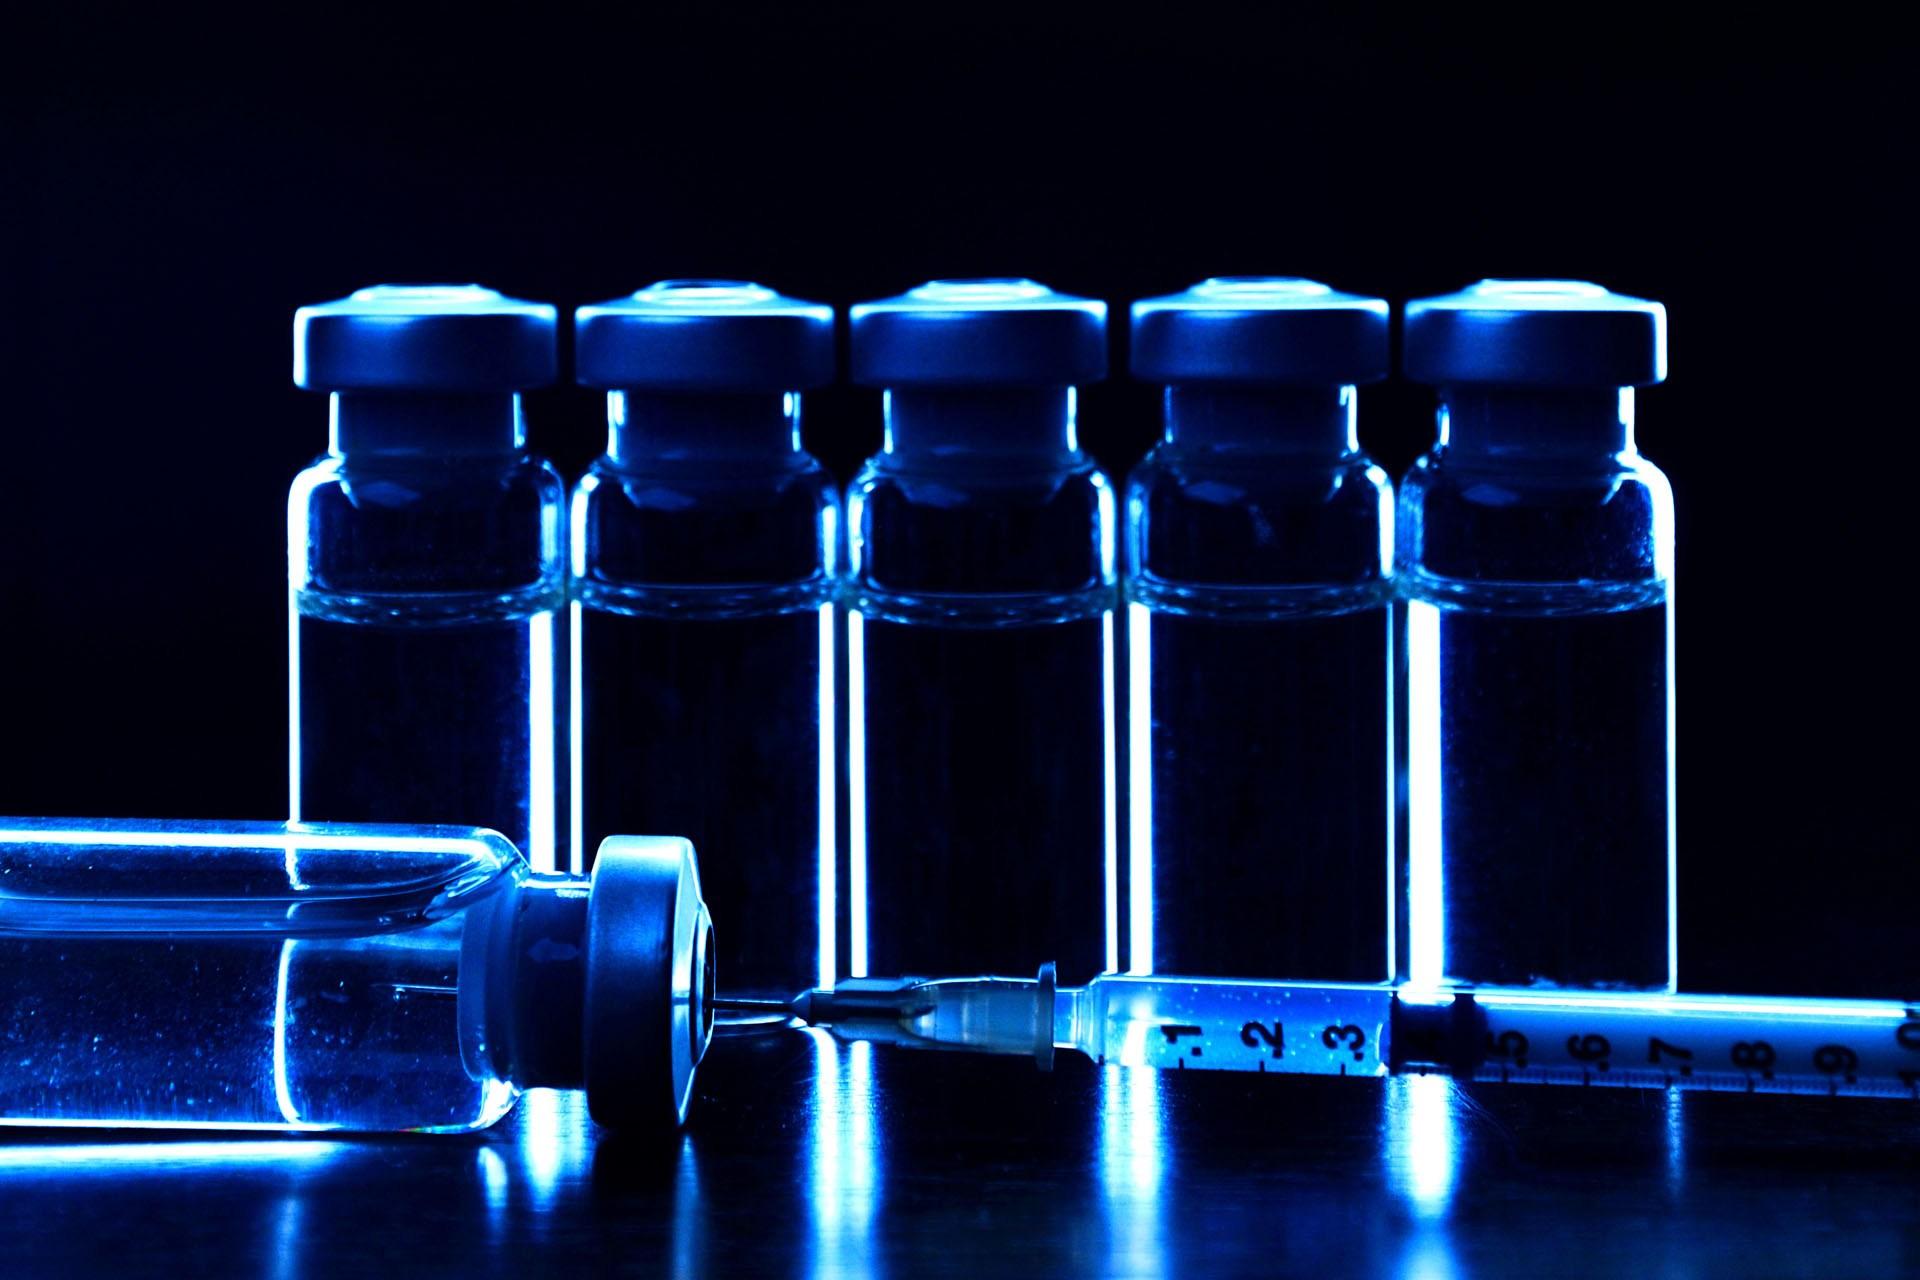 Vacina contra o HIV: pesquisas avançam